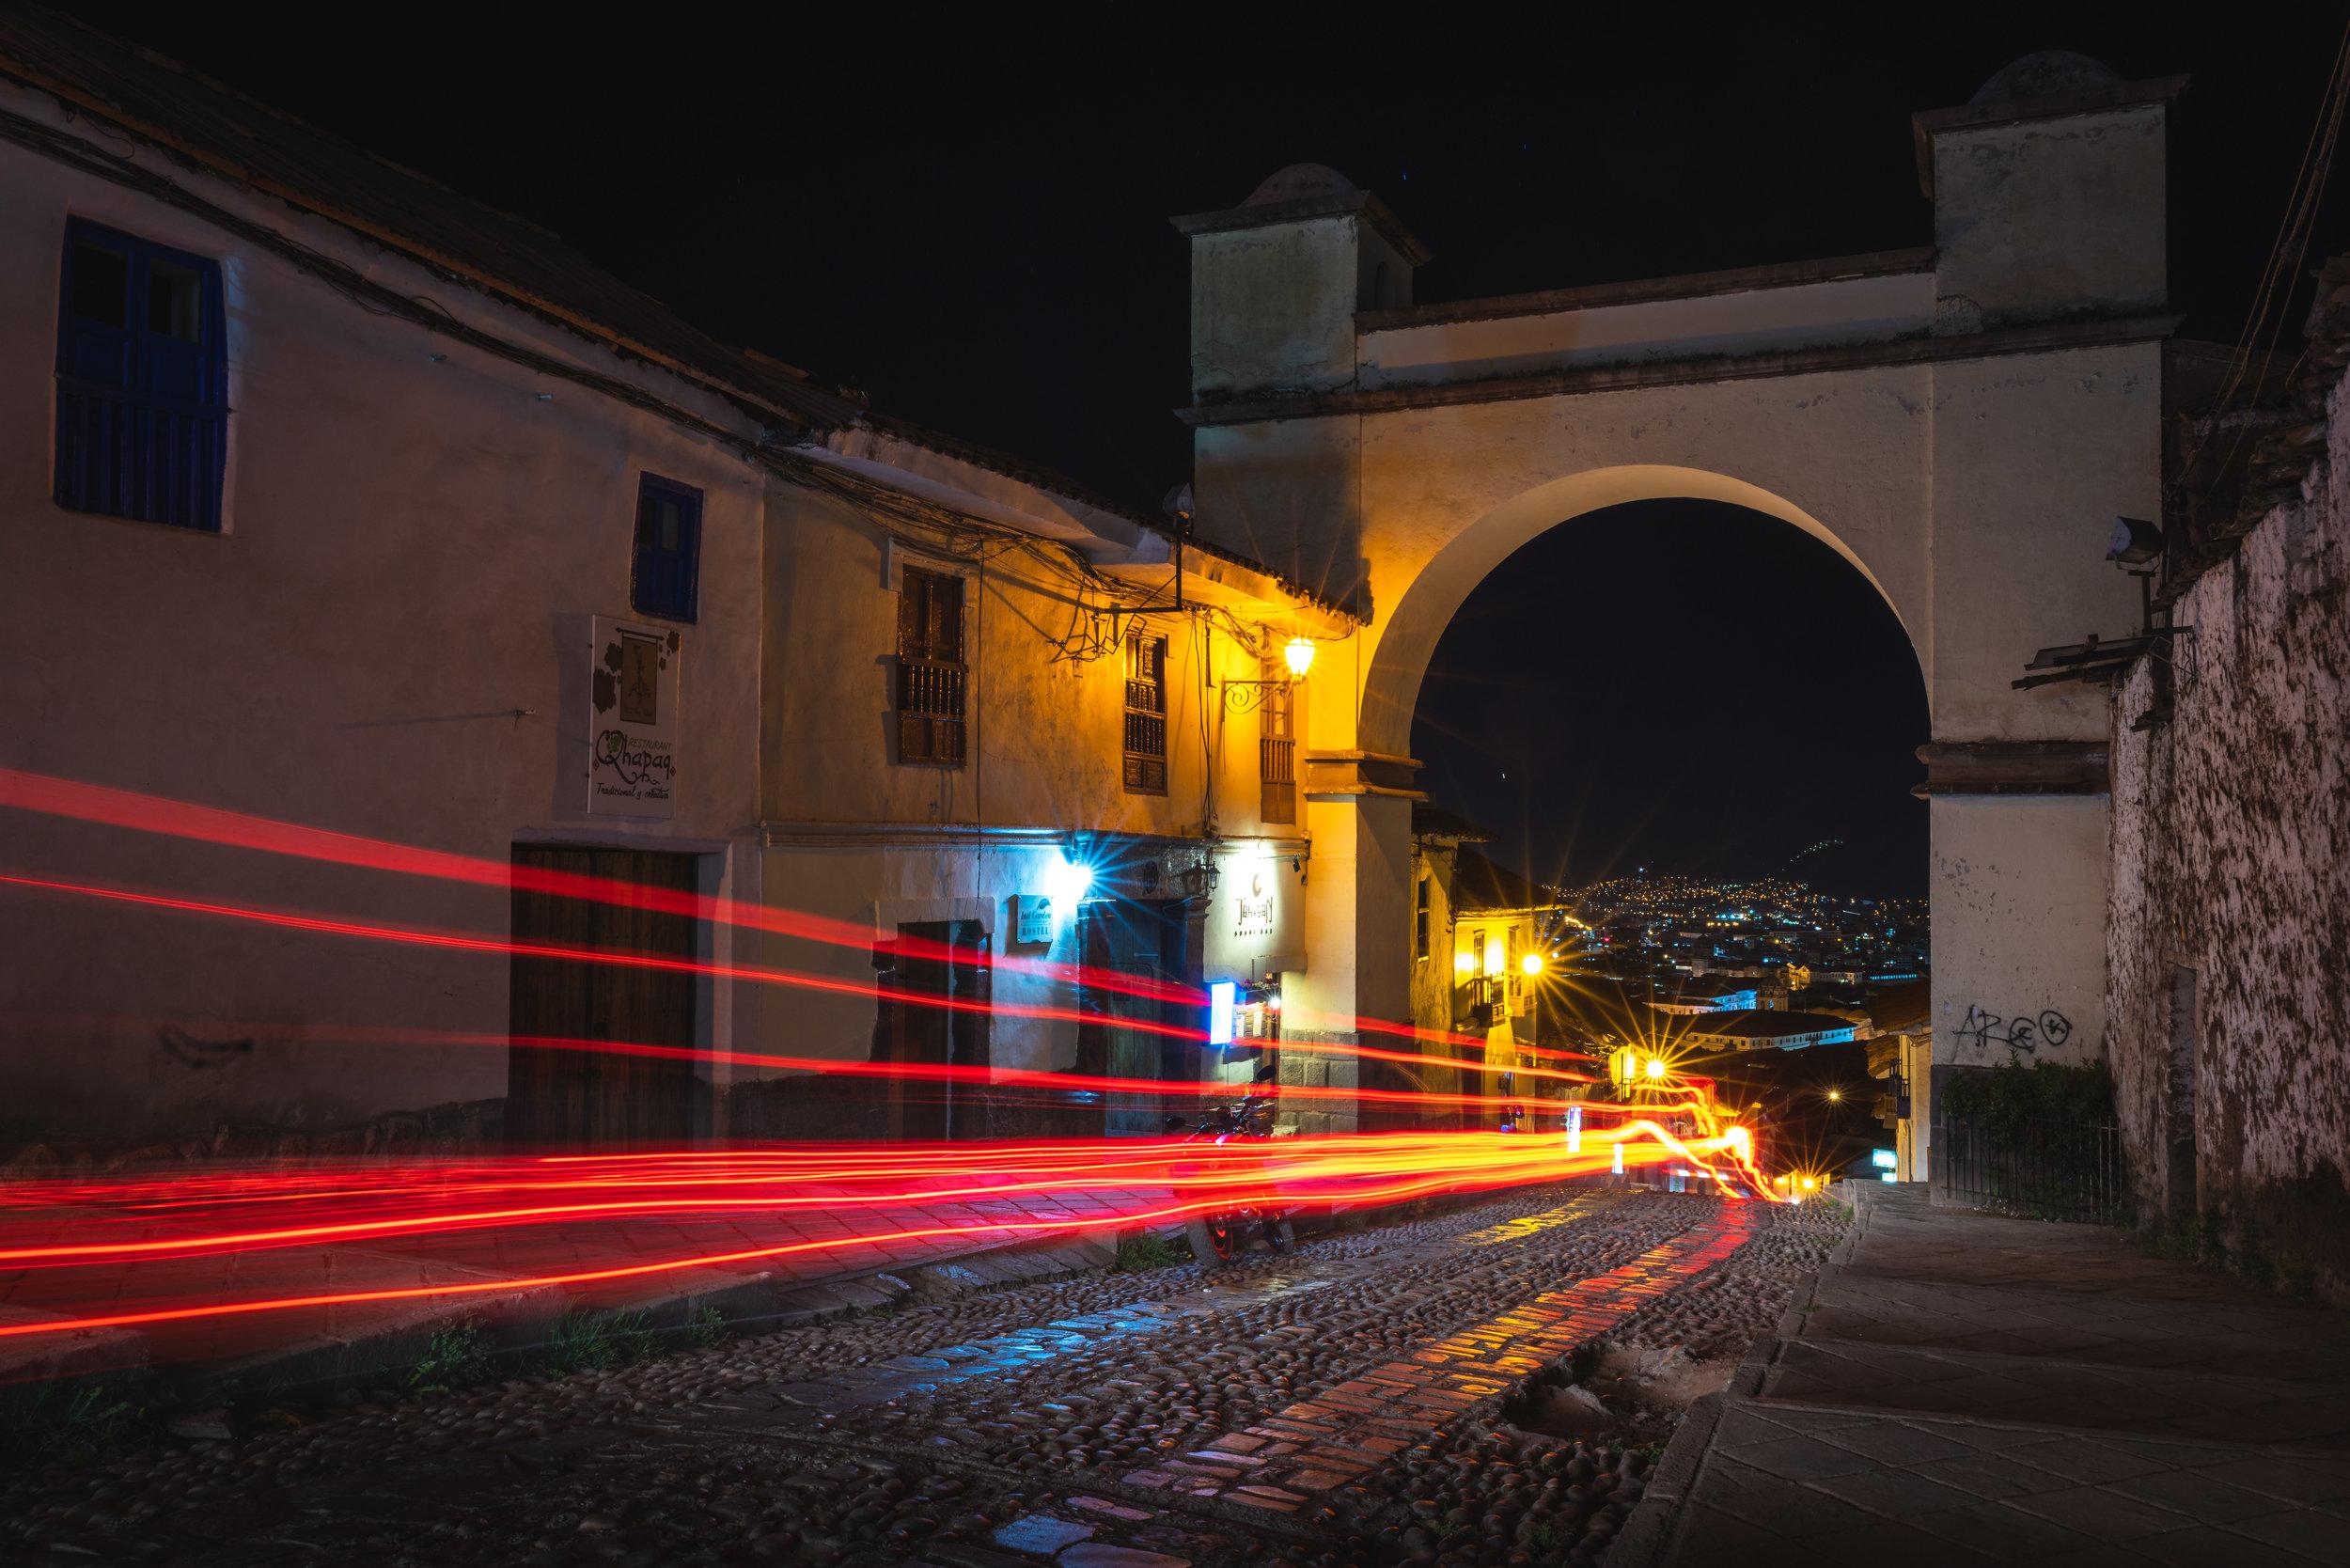 The Arch of Santa Ana